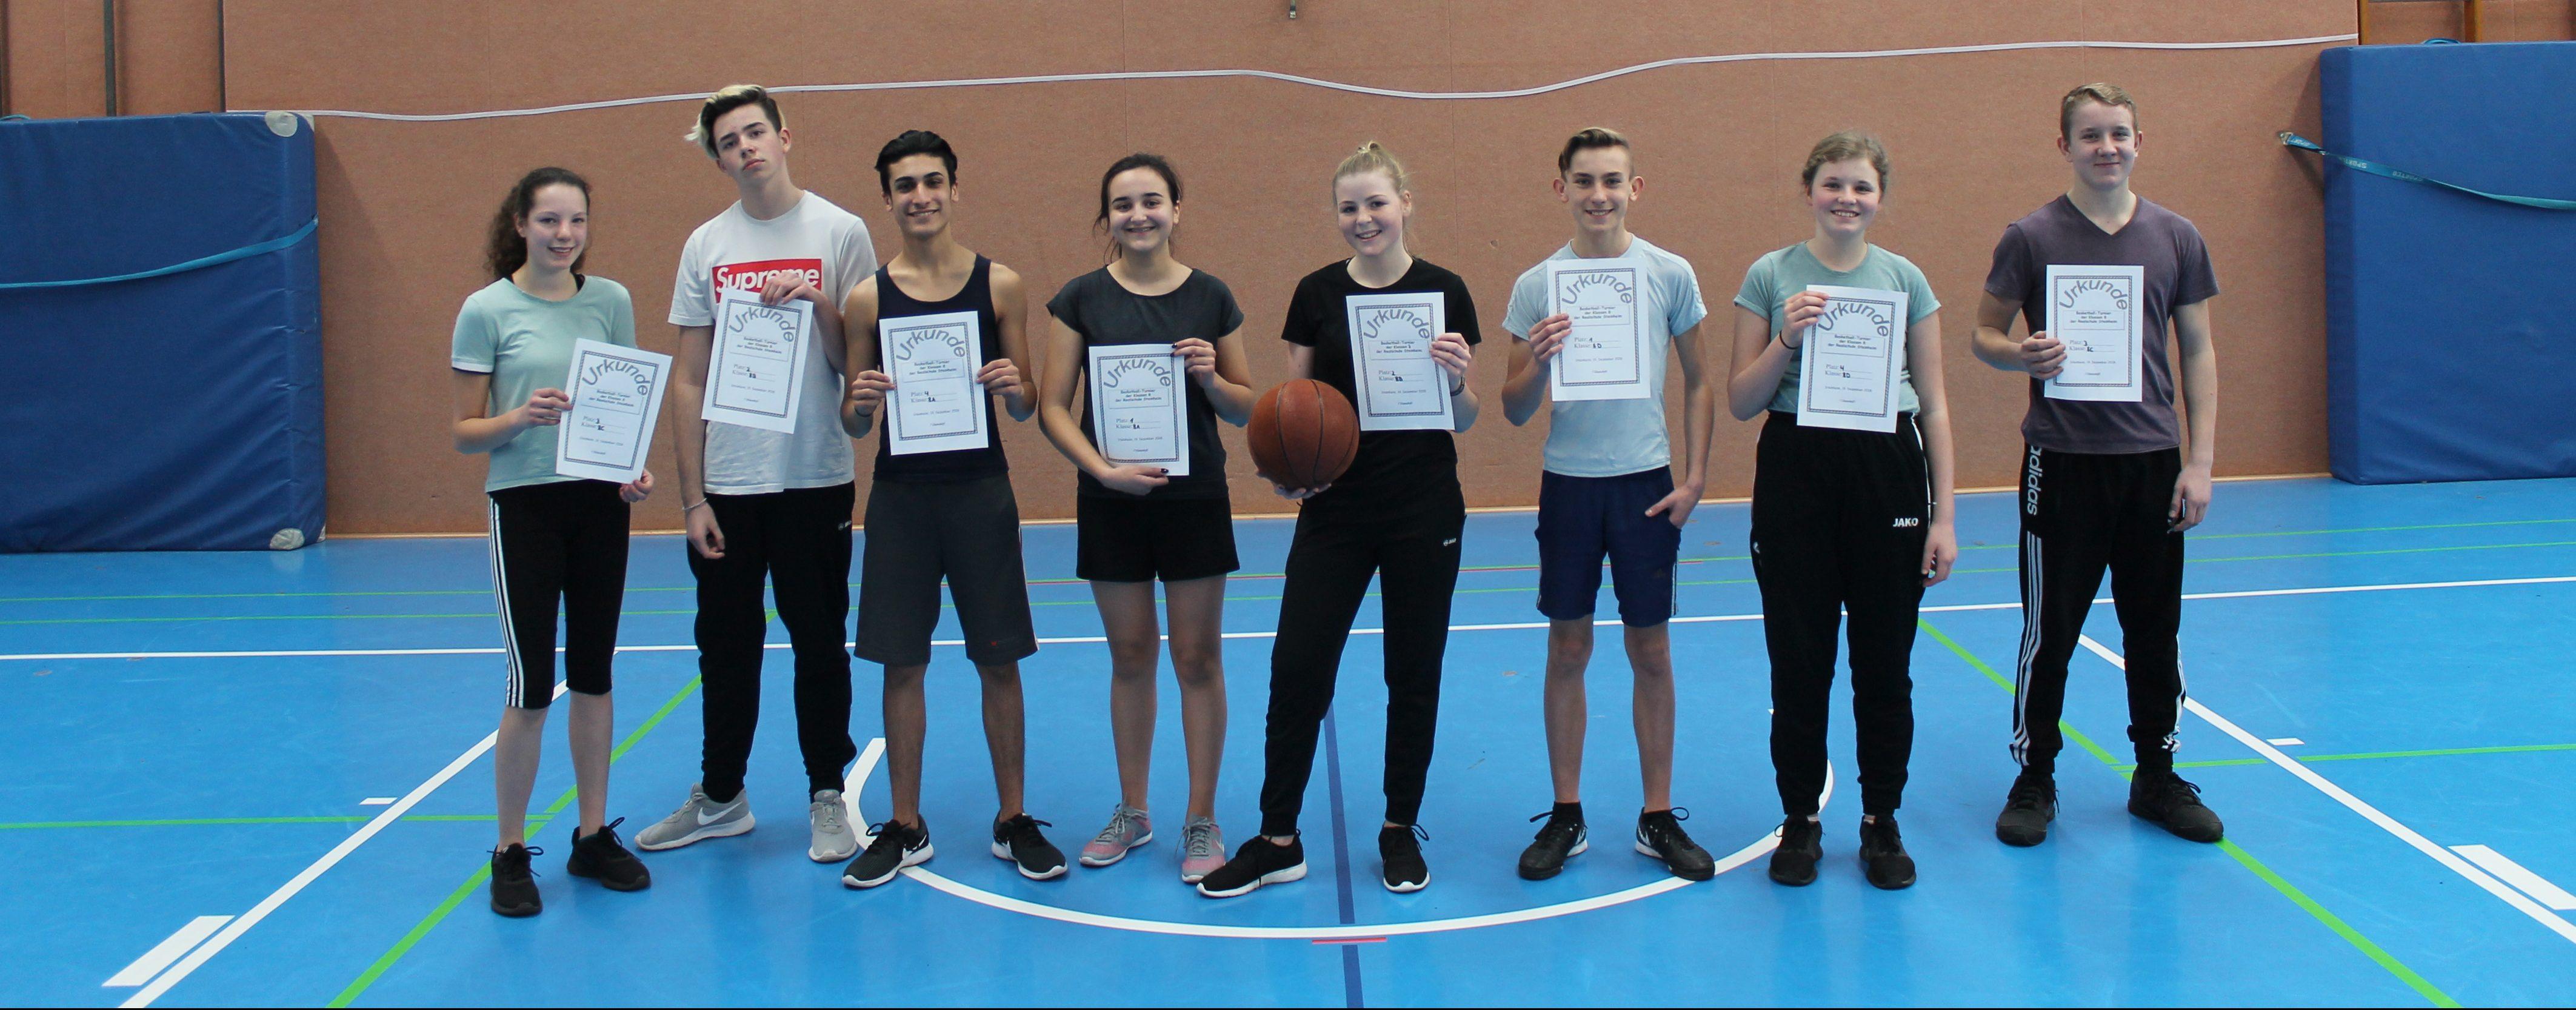 Basketballturnier von Jahrgangsstufe 7 und 8